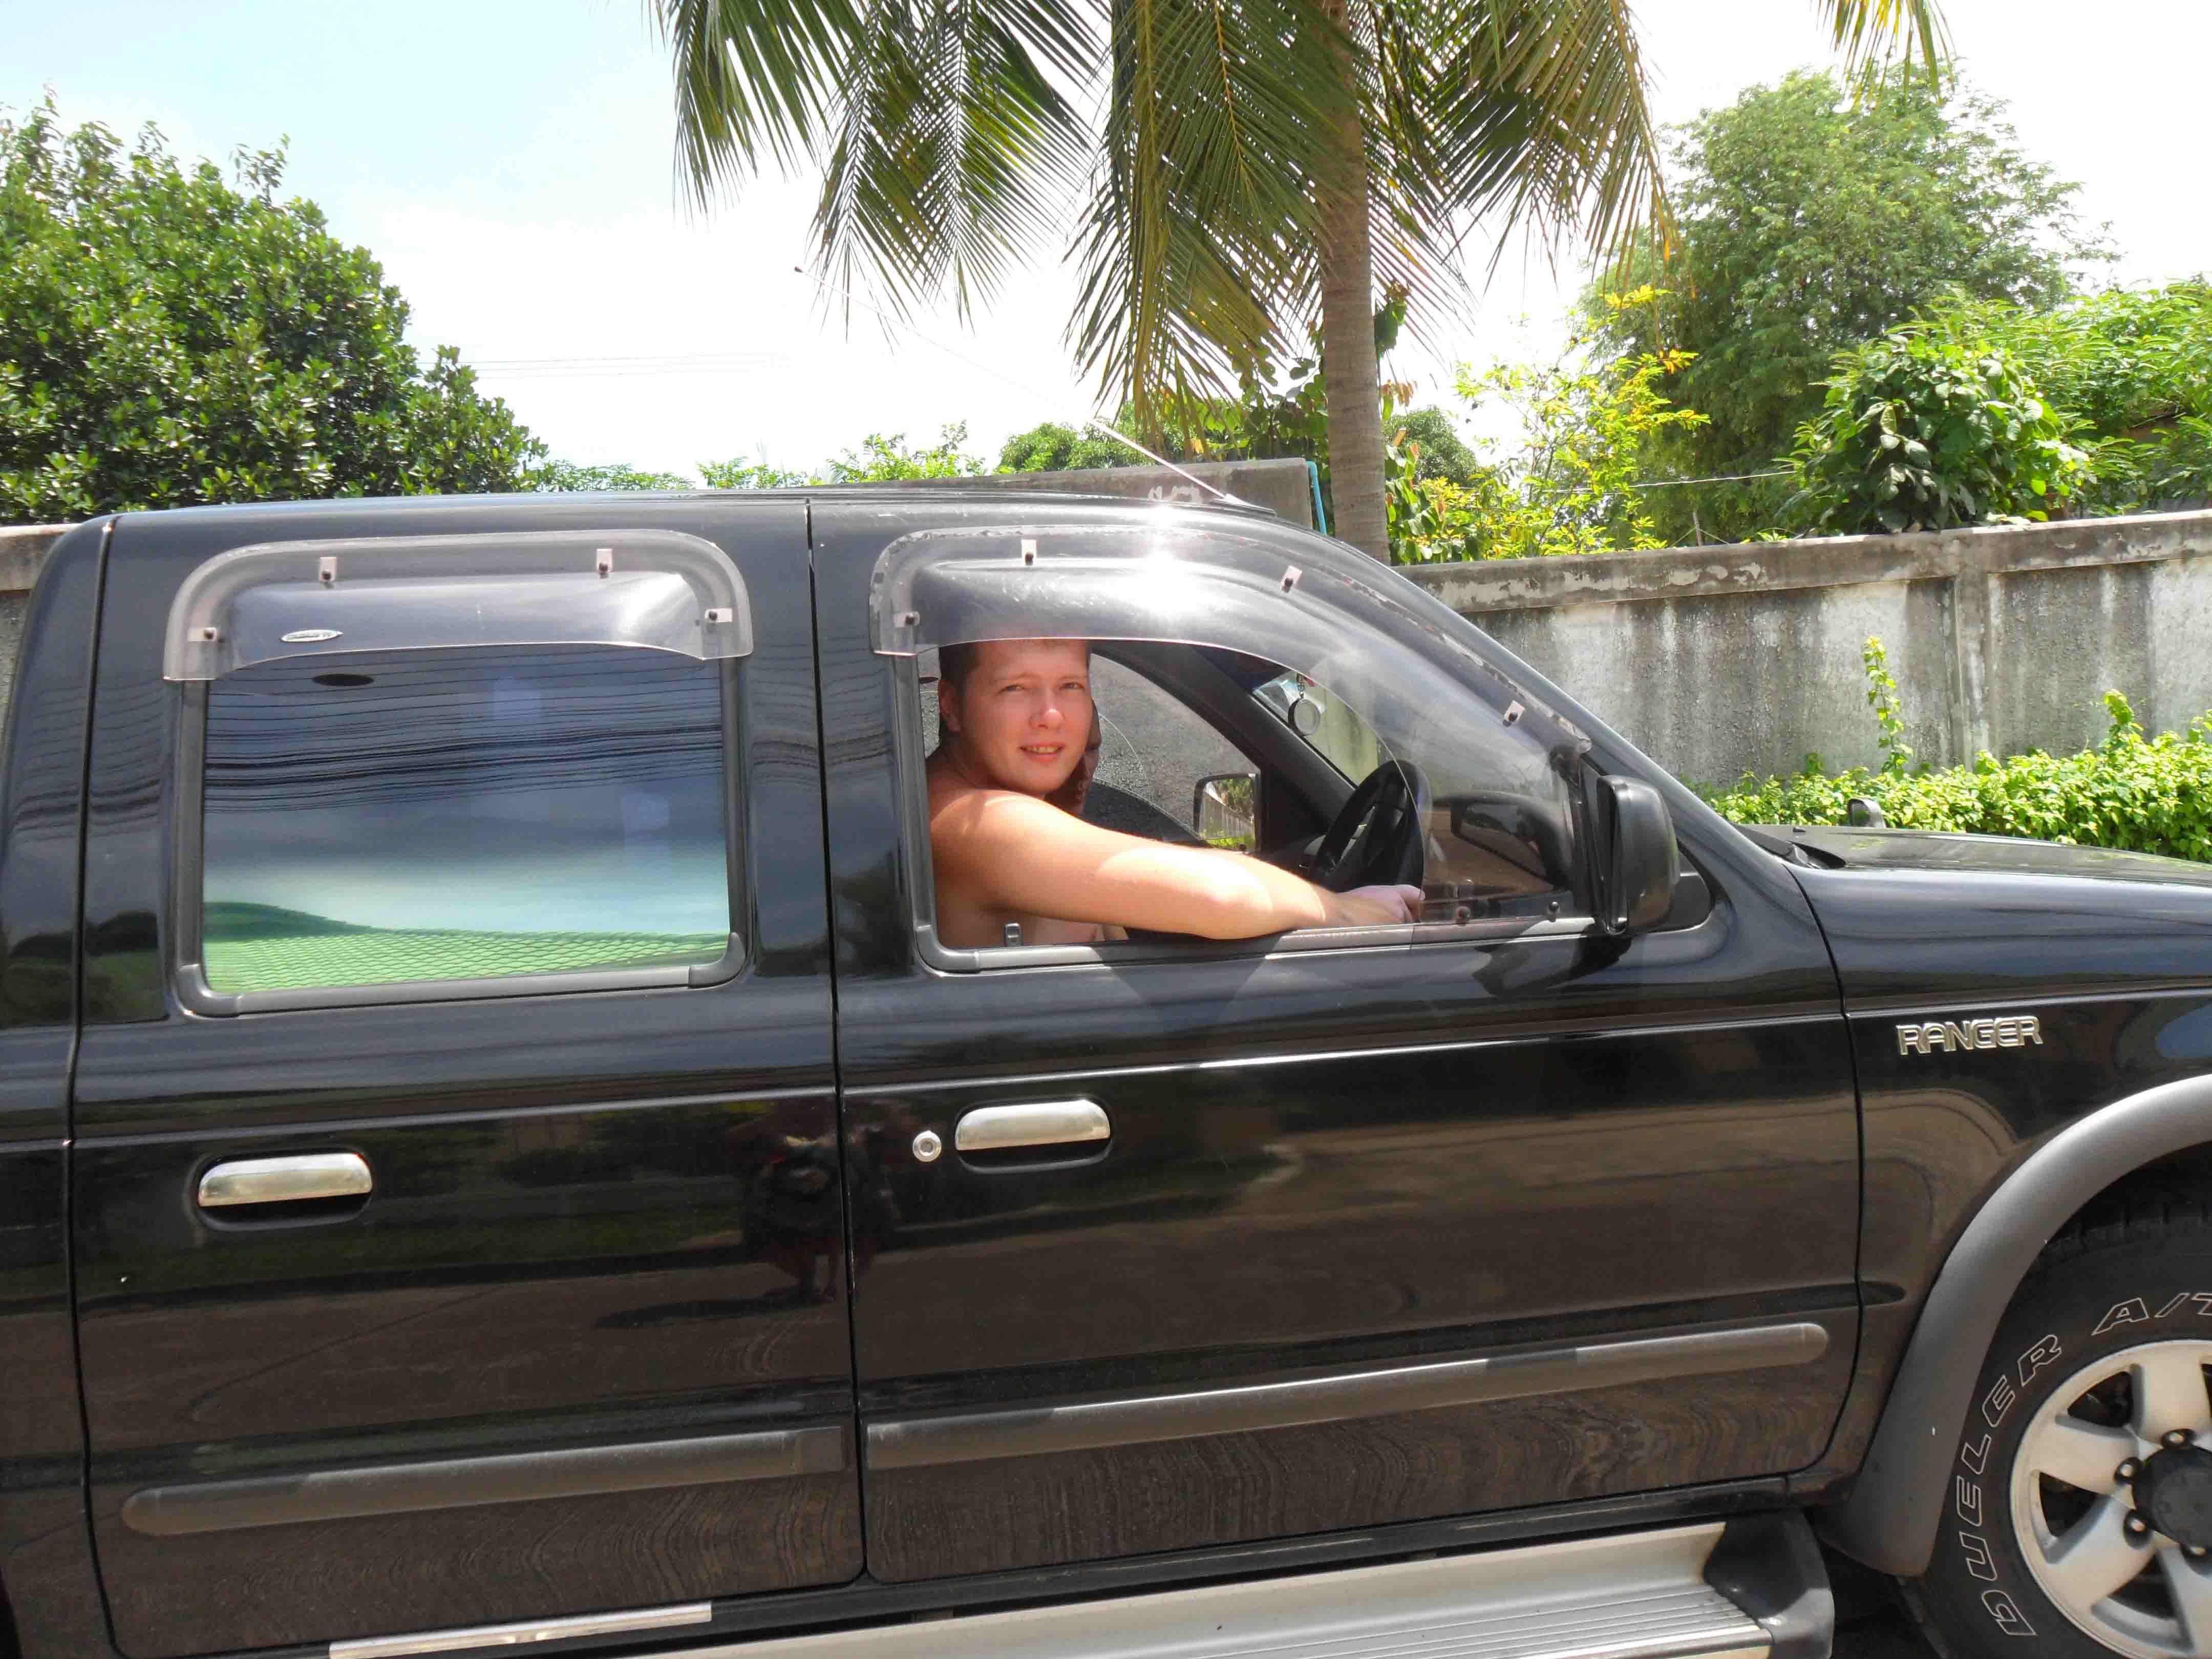 Уломал за деньги в машине 3 фотография